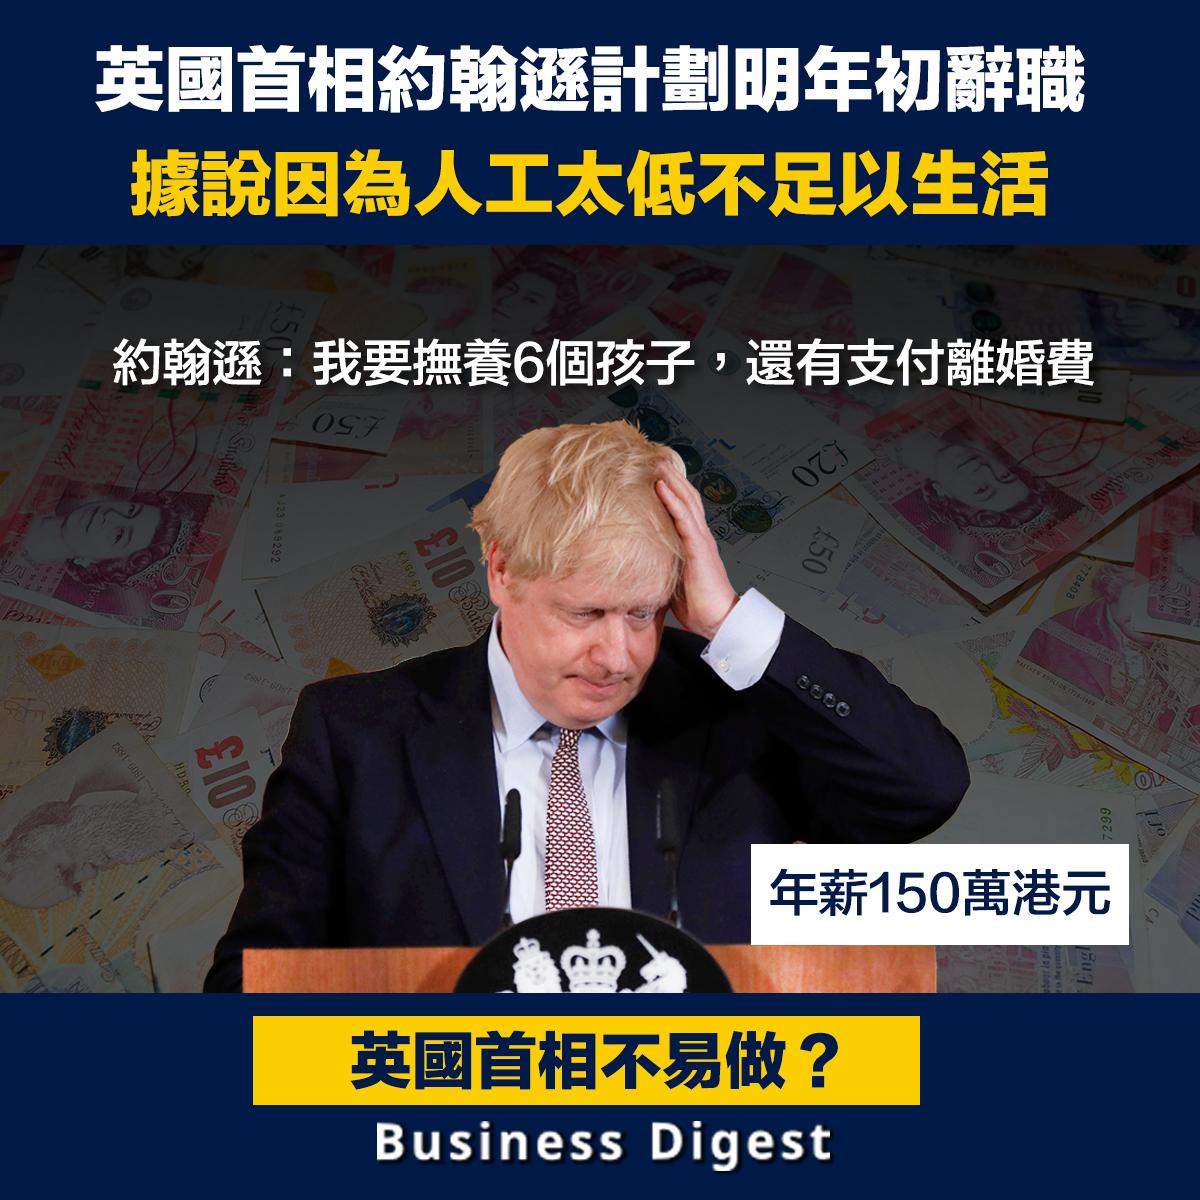 據英國《大都市報》消息,英國首相約翰遜計劃在明年春季辭職